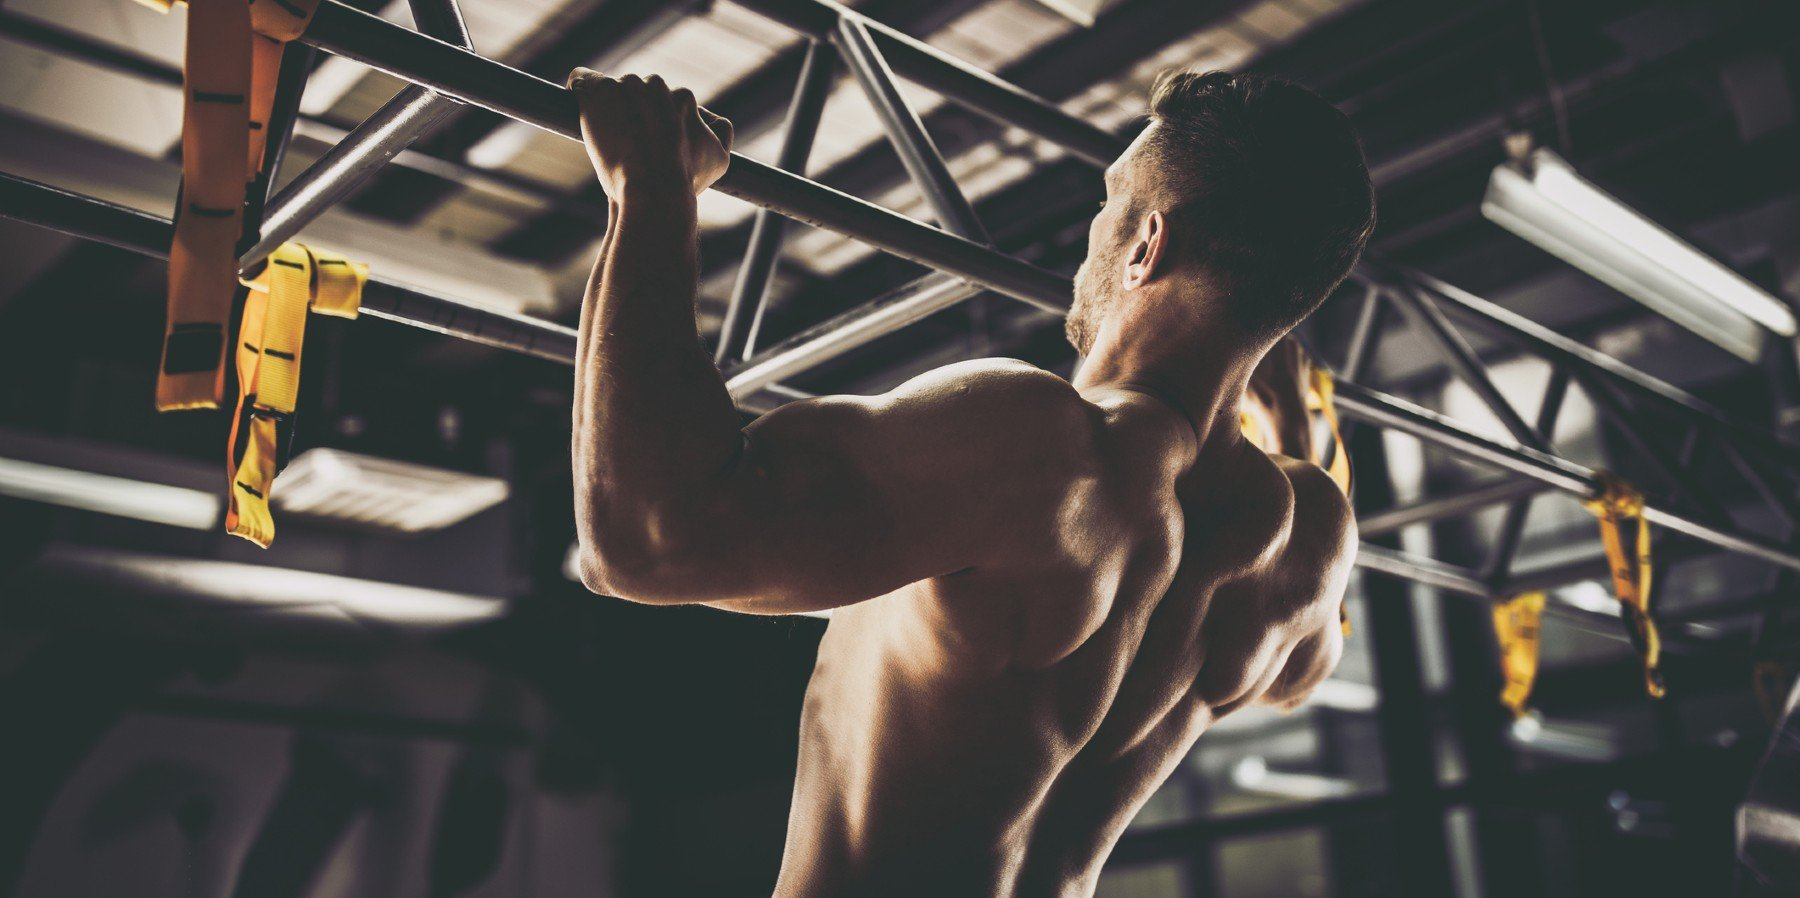 Coronas Folgen für dein Training und wie du wieder richtig durchstartest